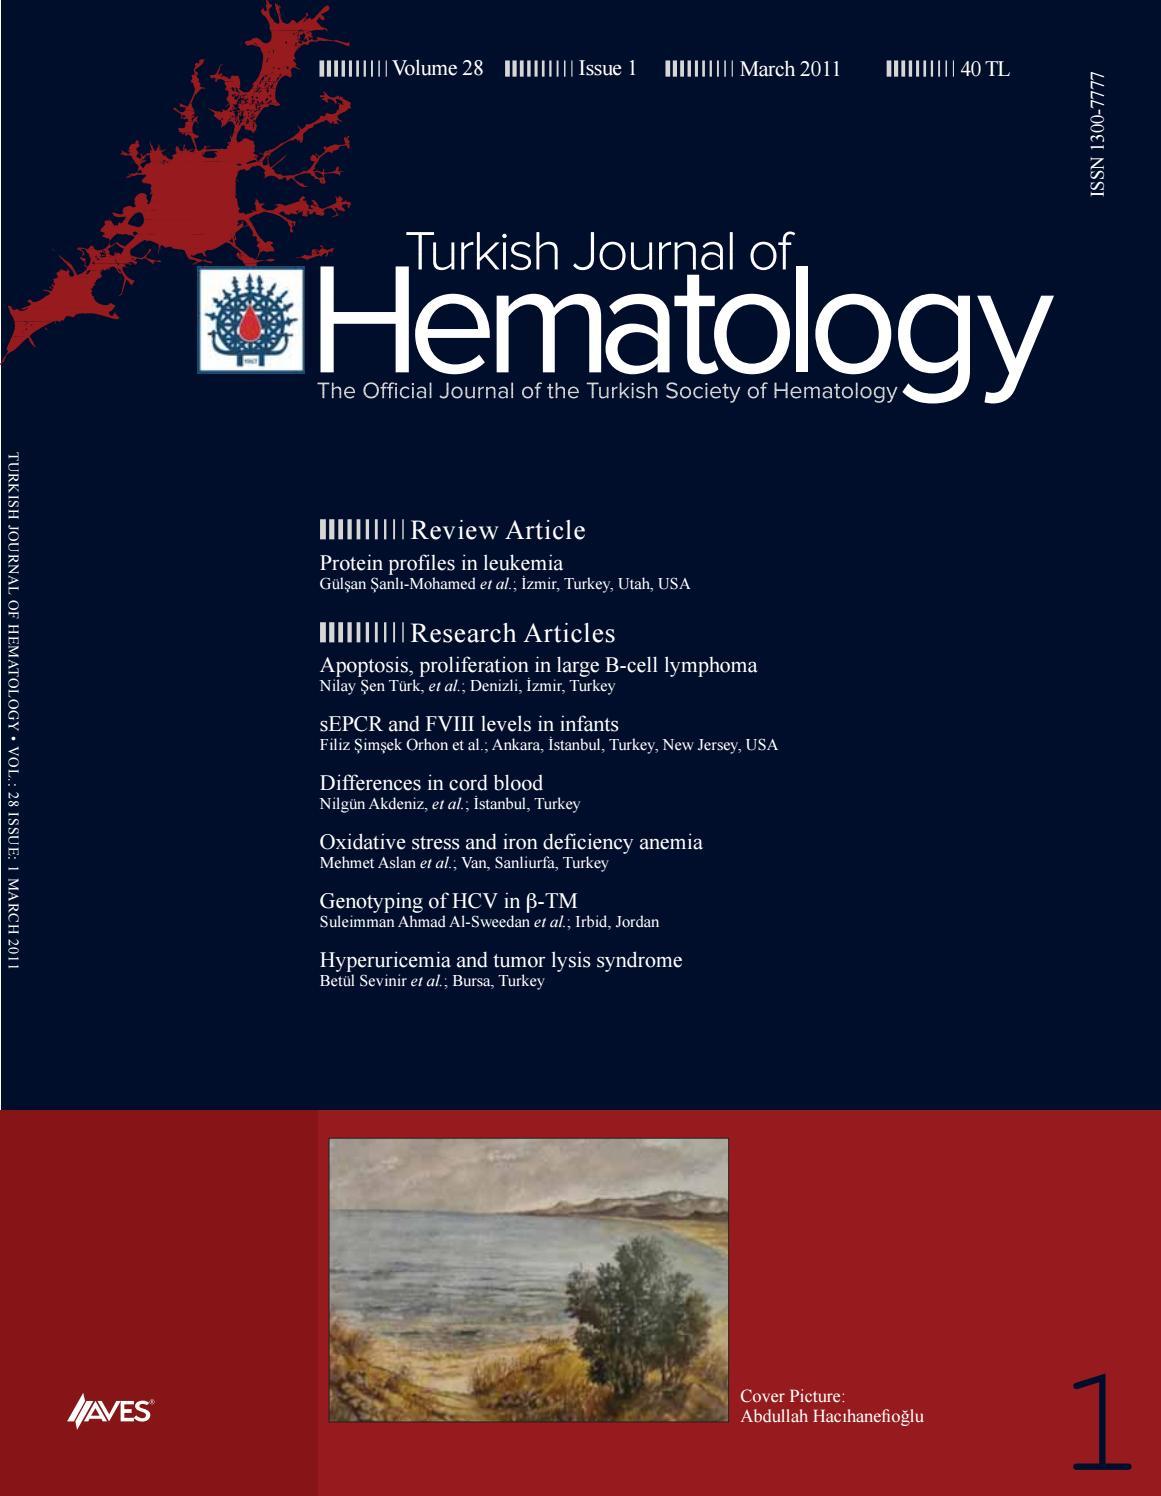 tjh-2011-1 by LookUs Scientific - issuu